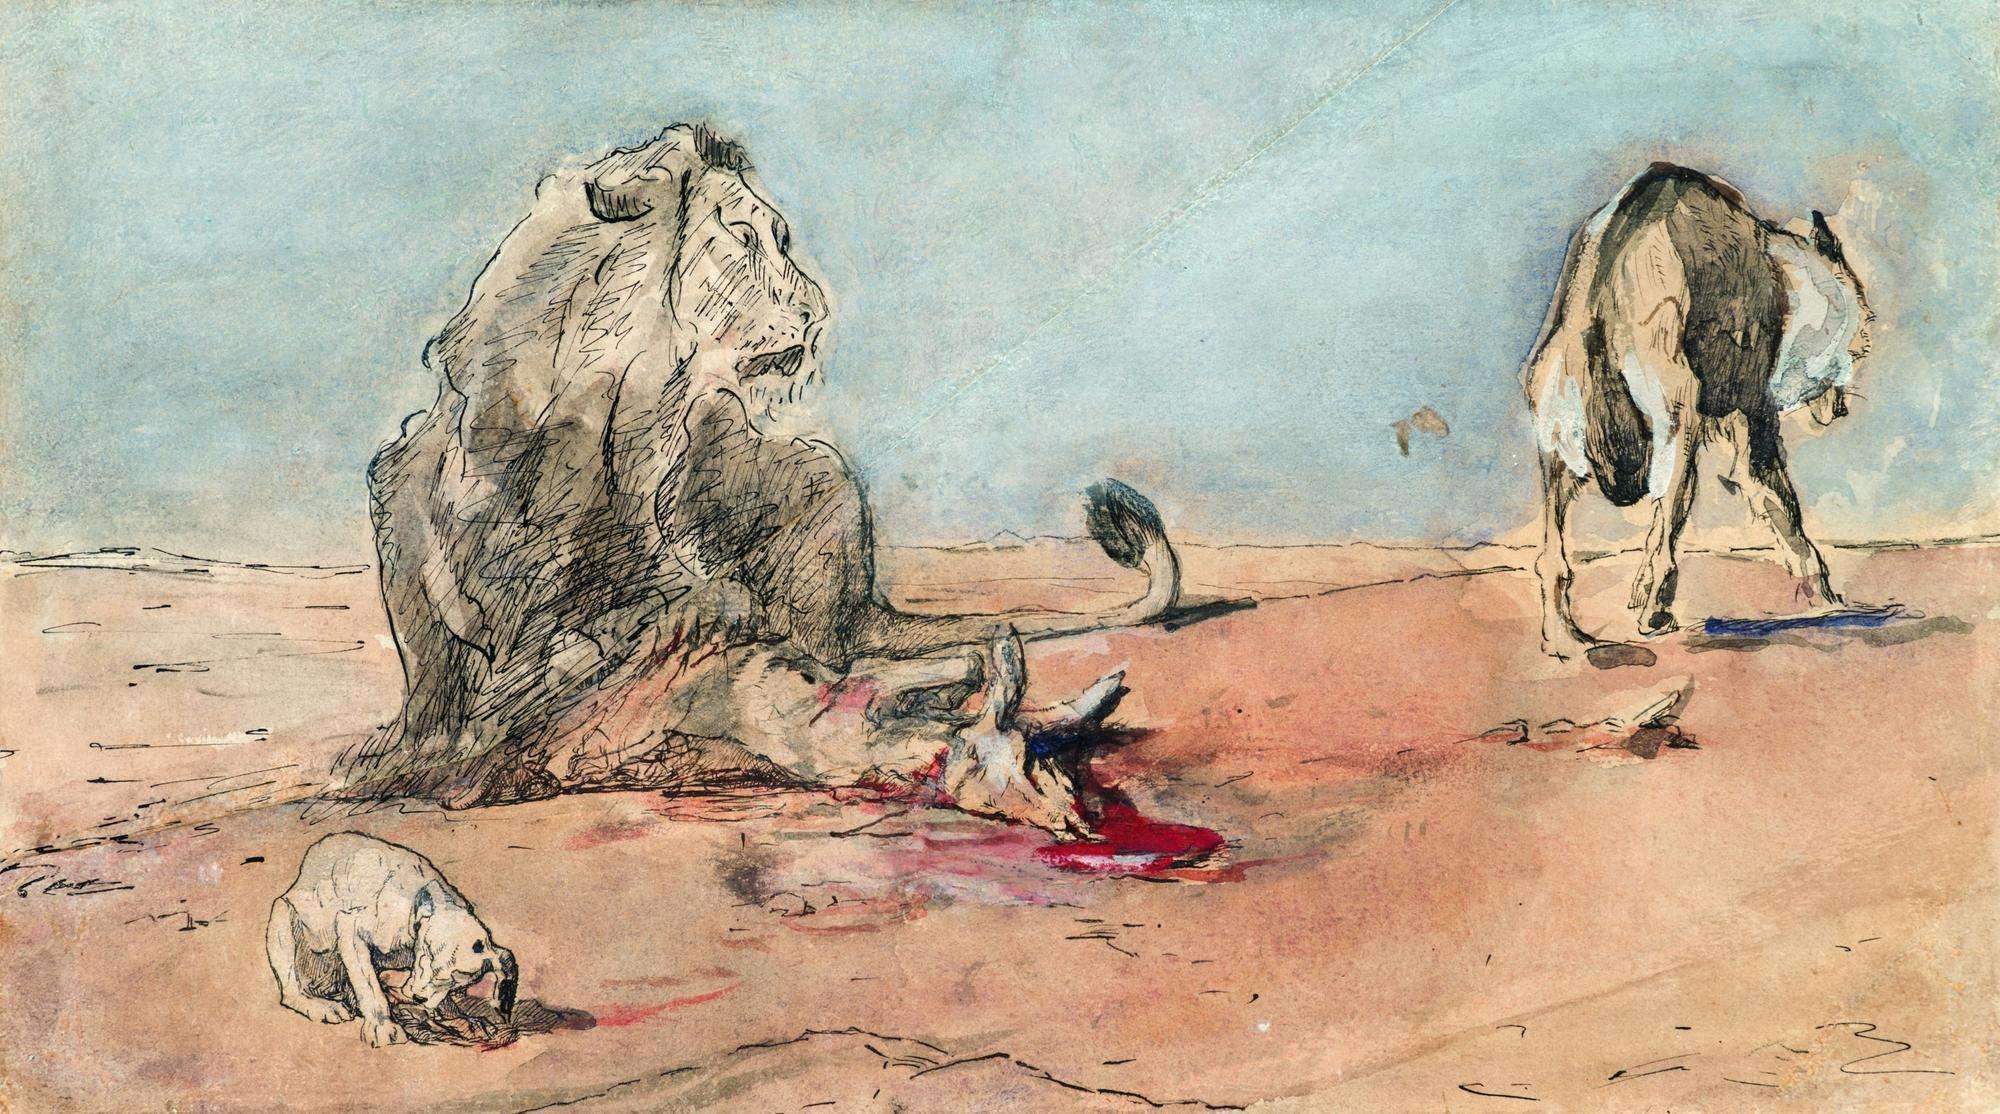 «Κυρά αλεπού, ποιος σ' έμαθε να μοιράζεις; Η συμφορά του λύκου.»